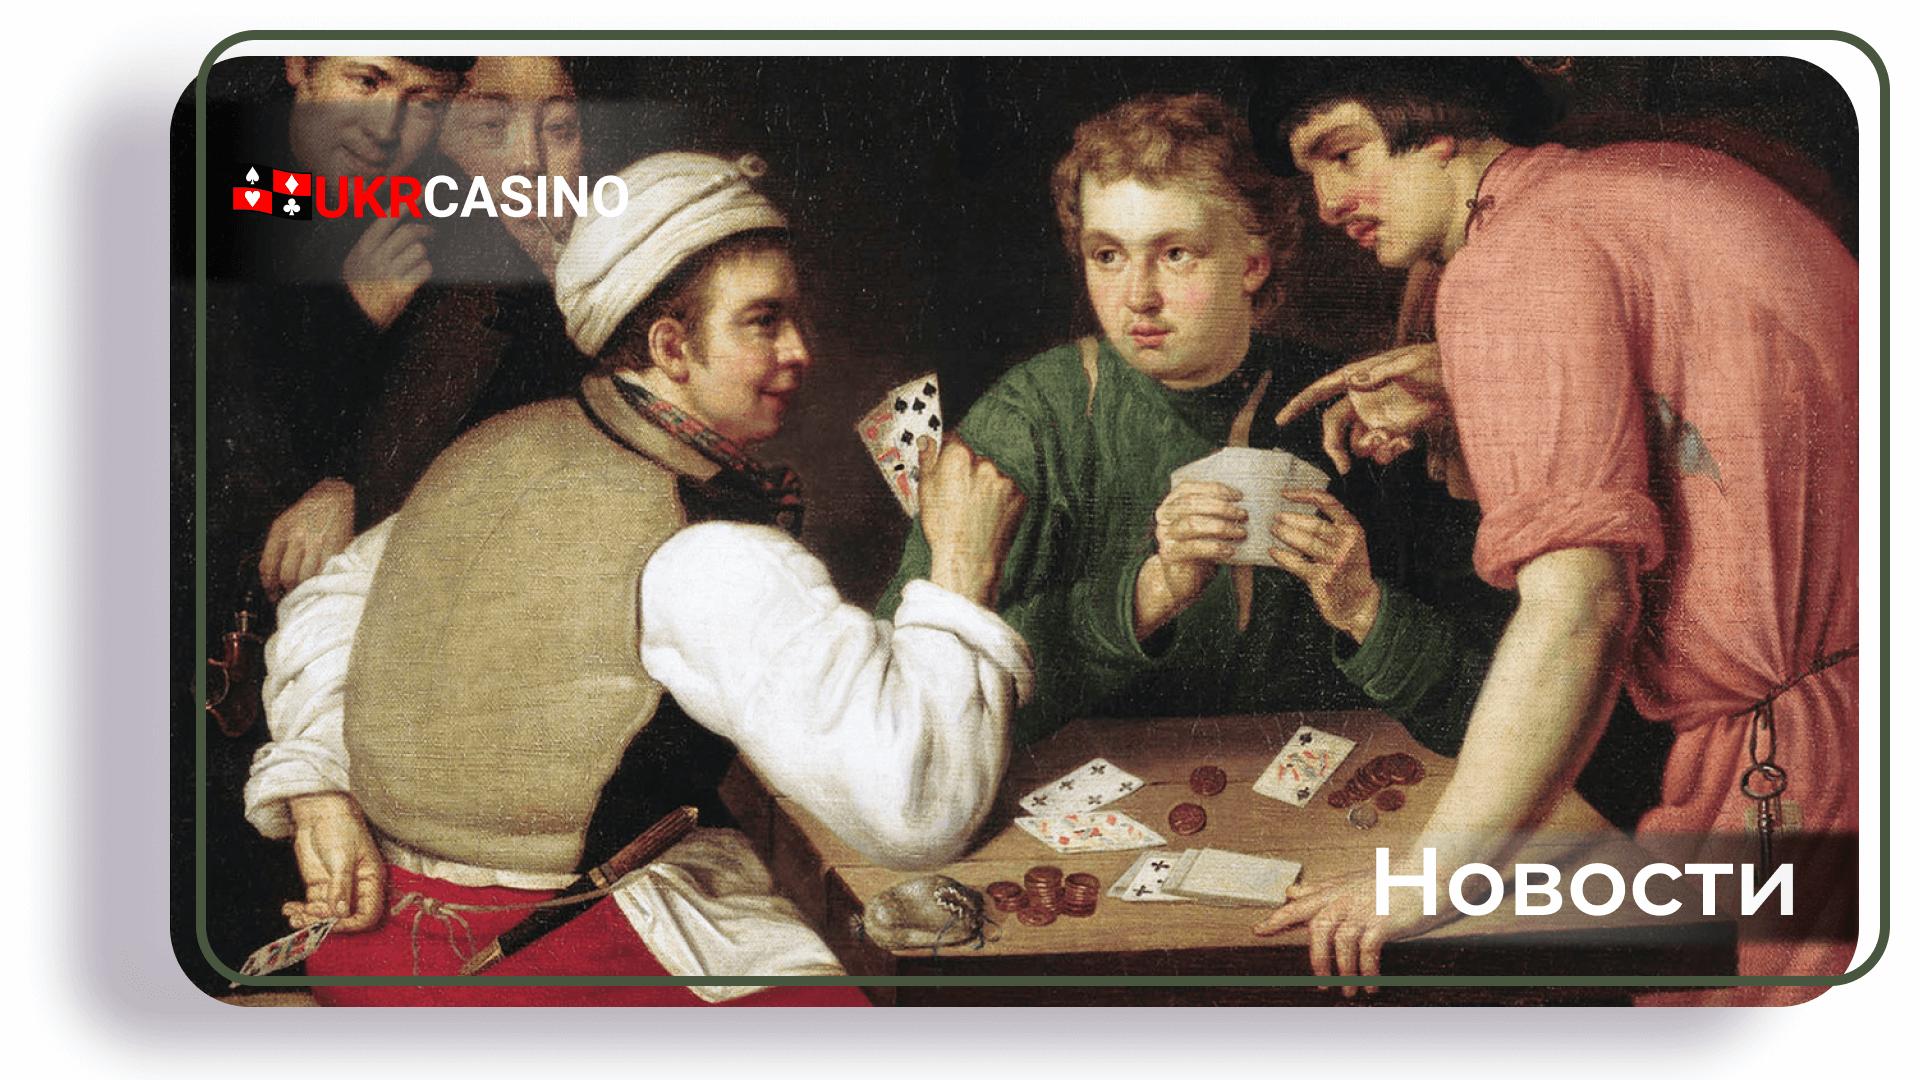 Интересные факты из истории азартных игр